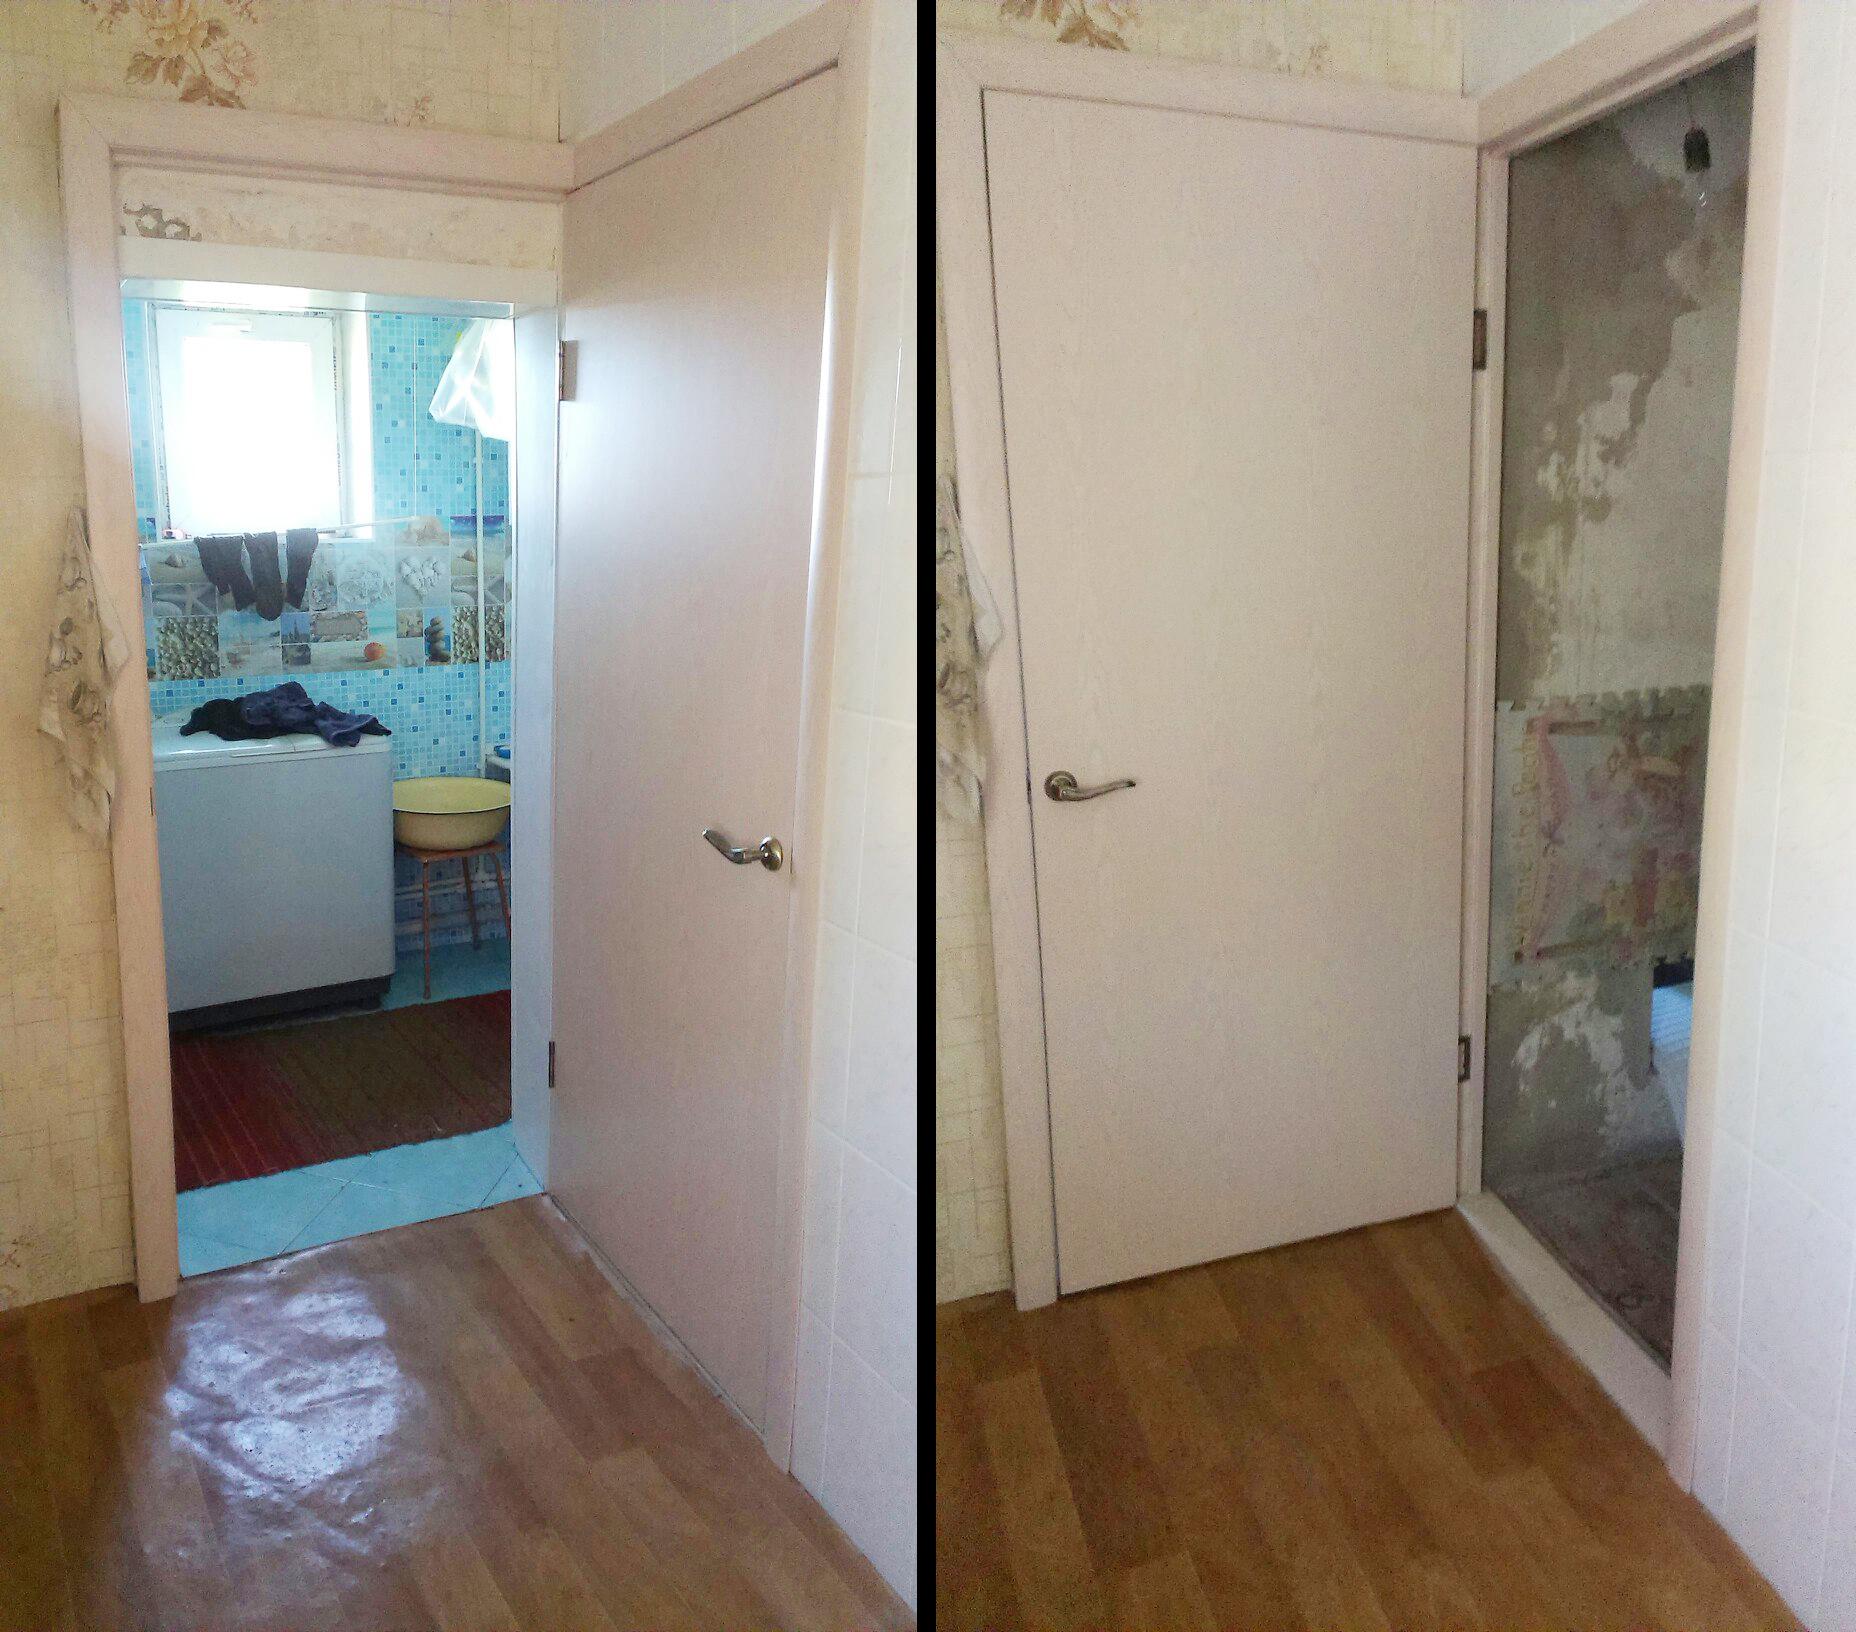 Одна дверь на два проема